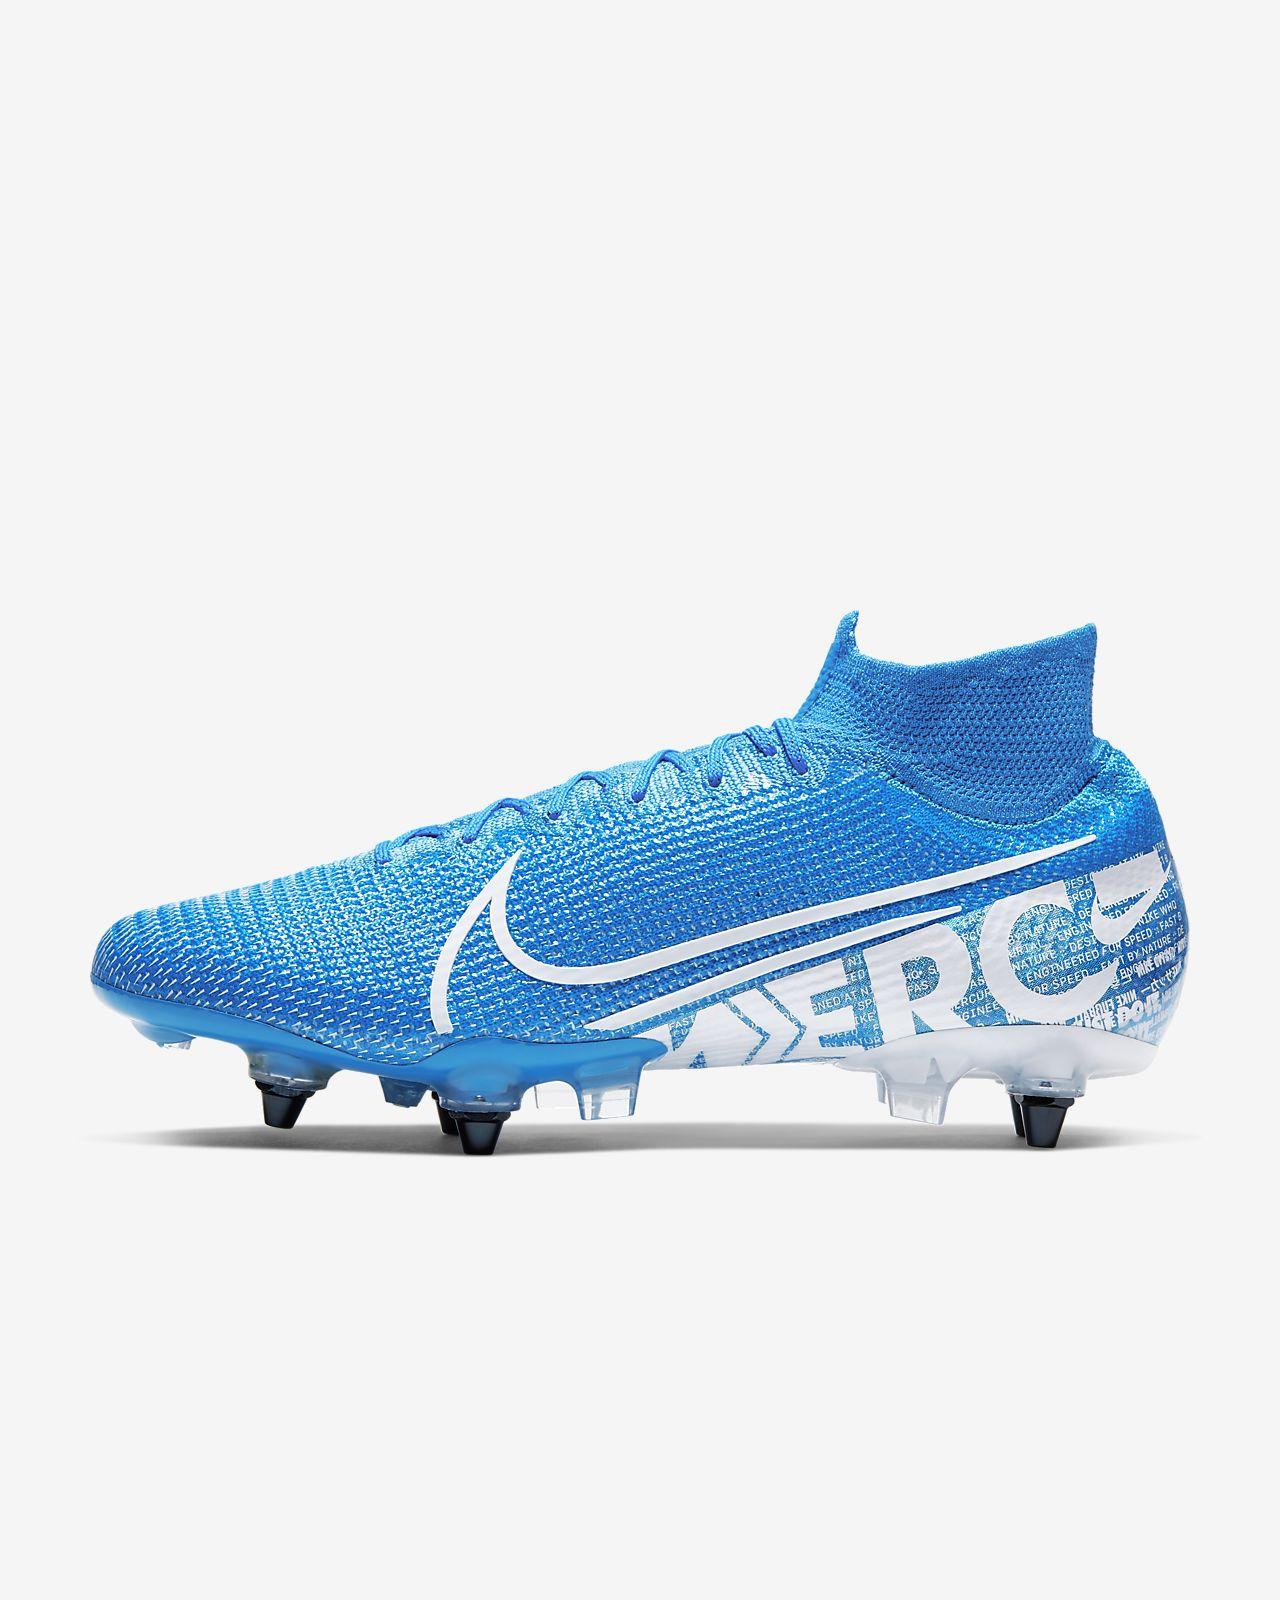 Nike Mercurial Superfly 7 Elite SG-PRO Anti-Clog Traction Botas de fútbol para terreno blando